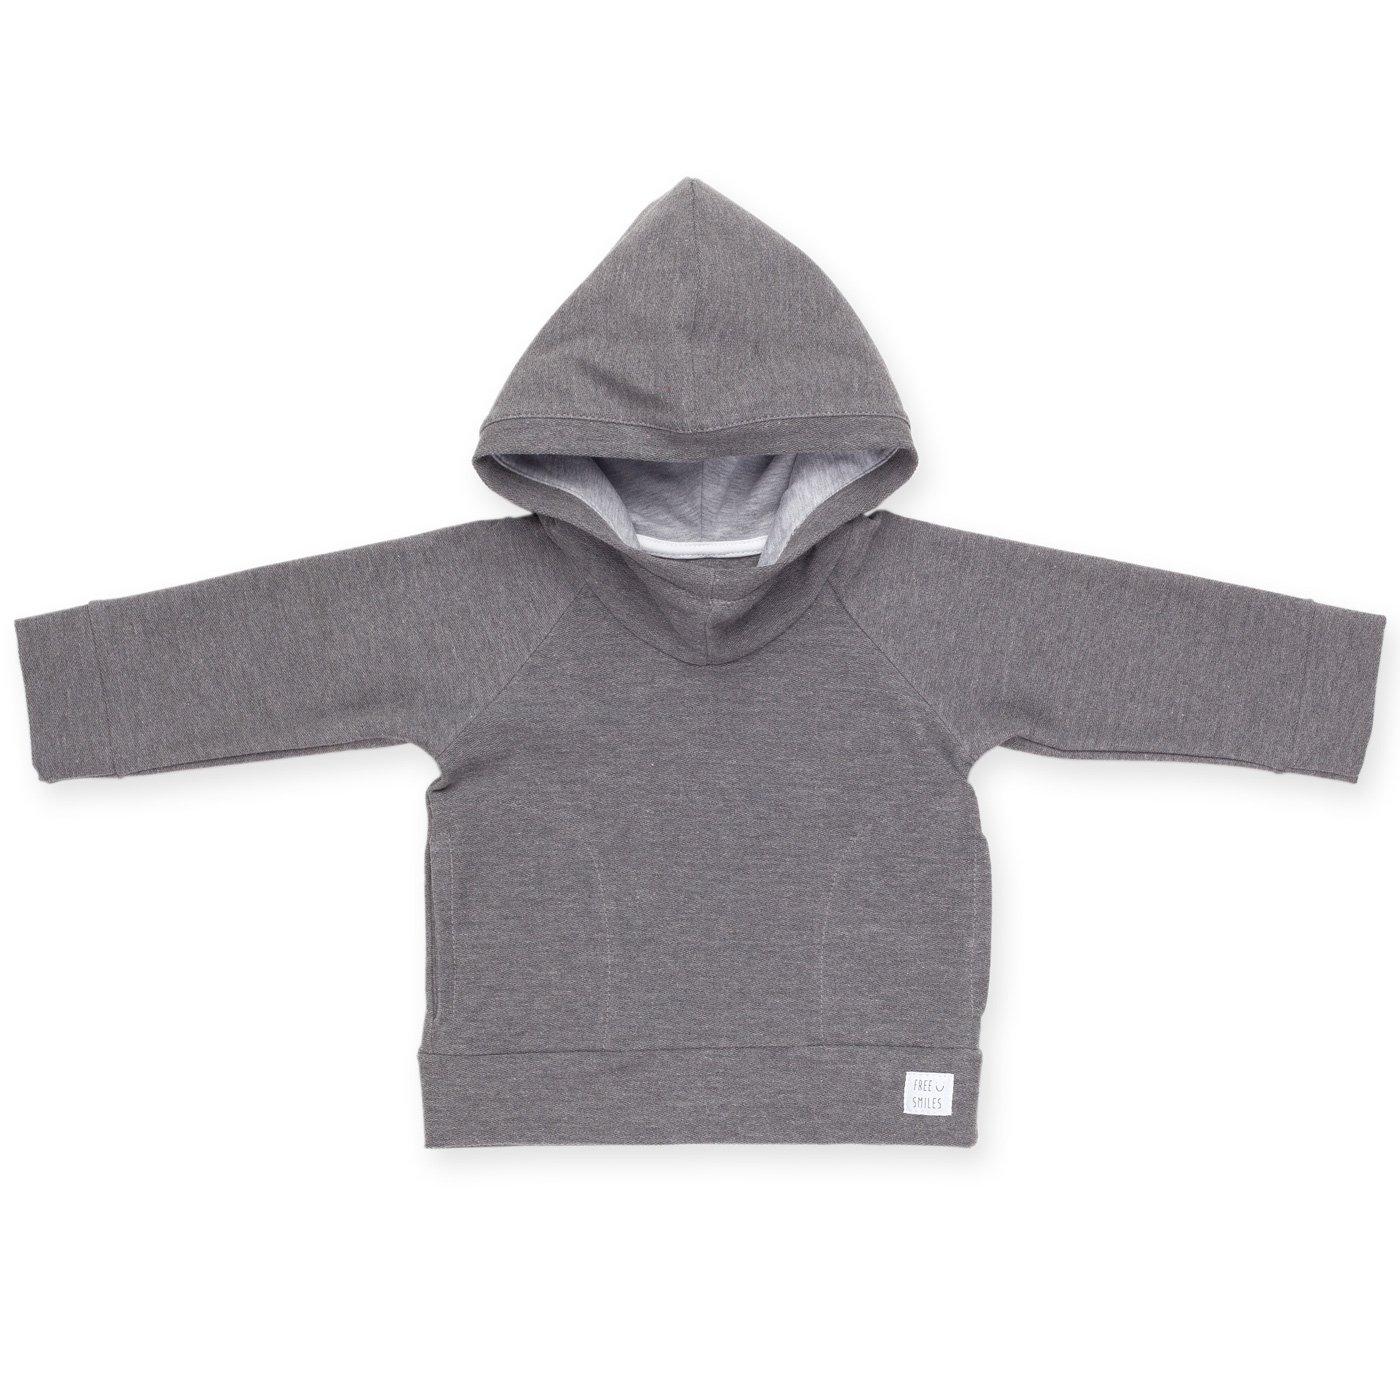 Jungen Kapuzen Sweatshirt//Shirt Baumwolle aus der Serie North Grey Pinokio Baby